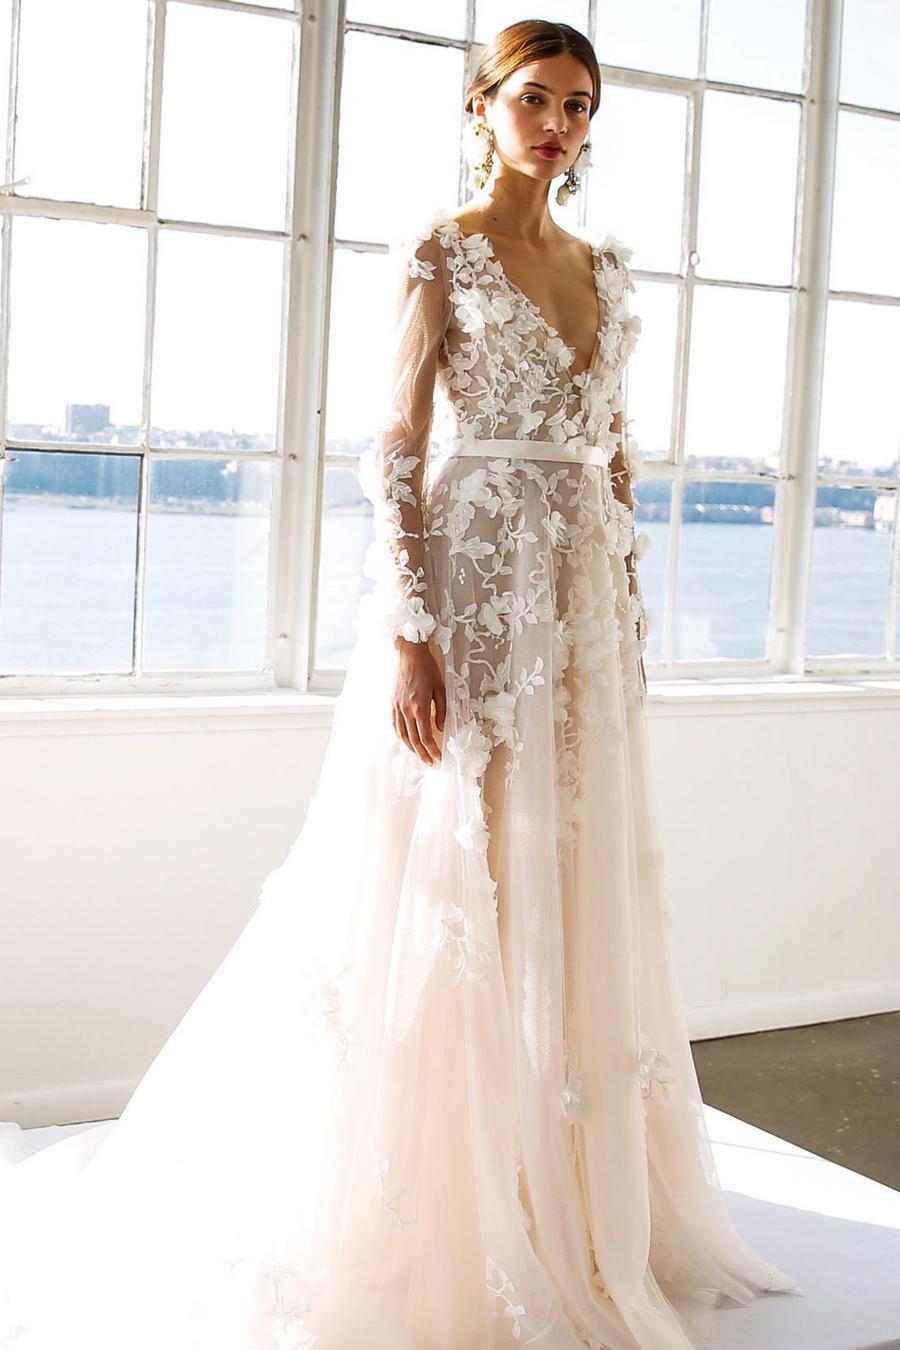 Modelo luce vestido de Oscar De La Renta Bridal Primavera/Verano 2017